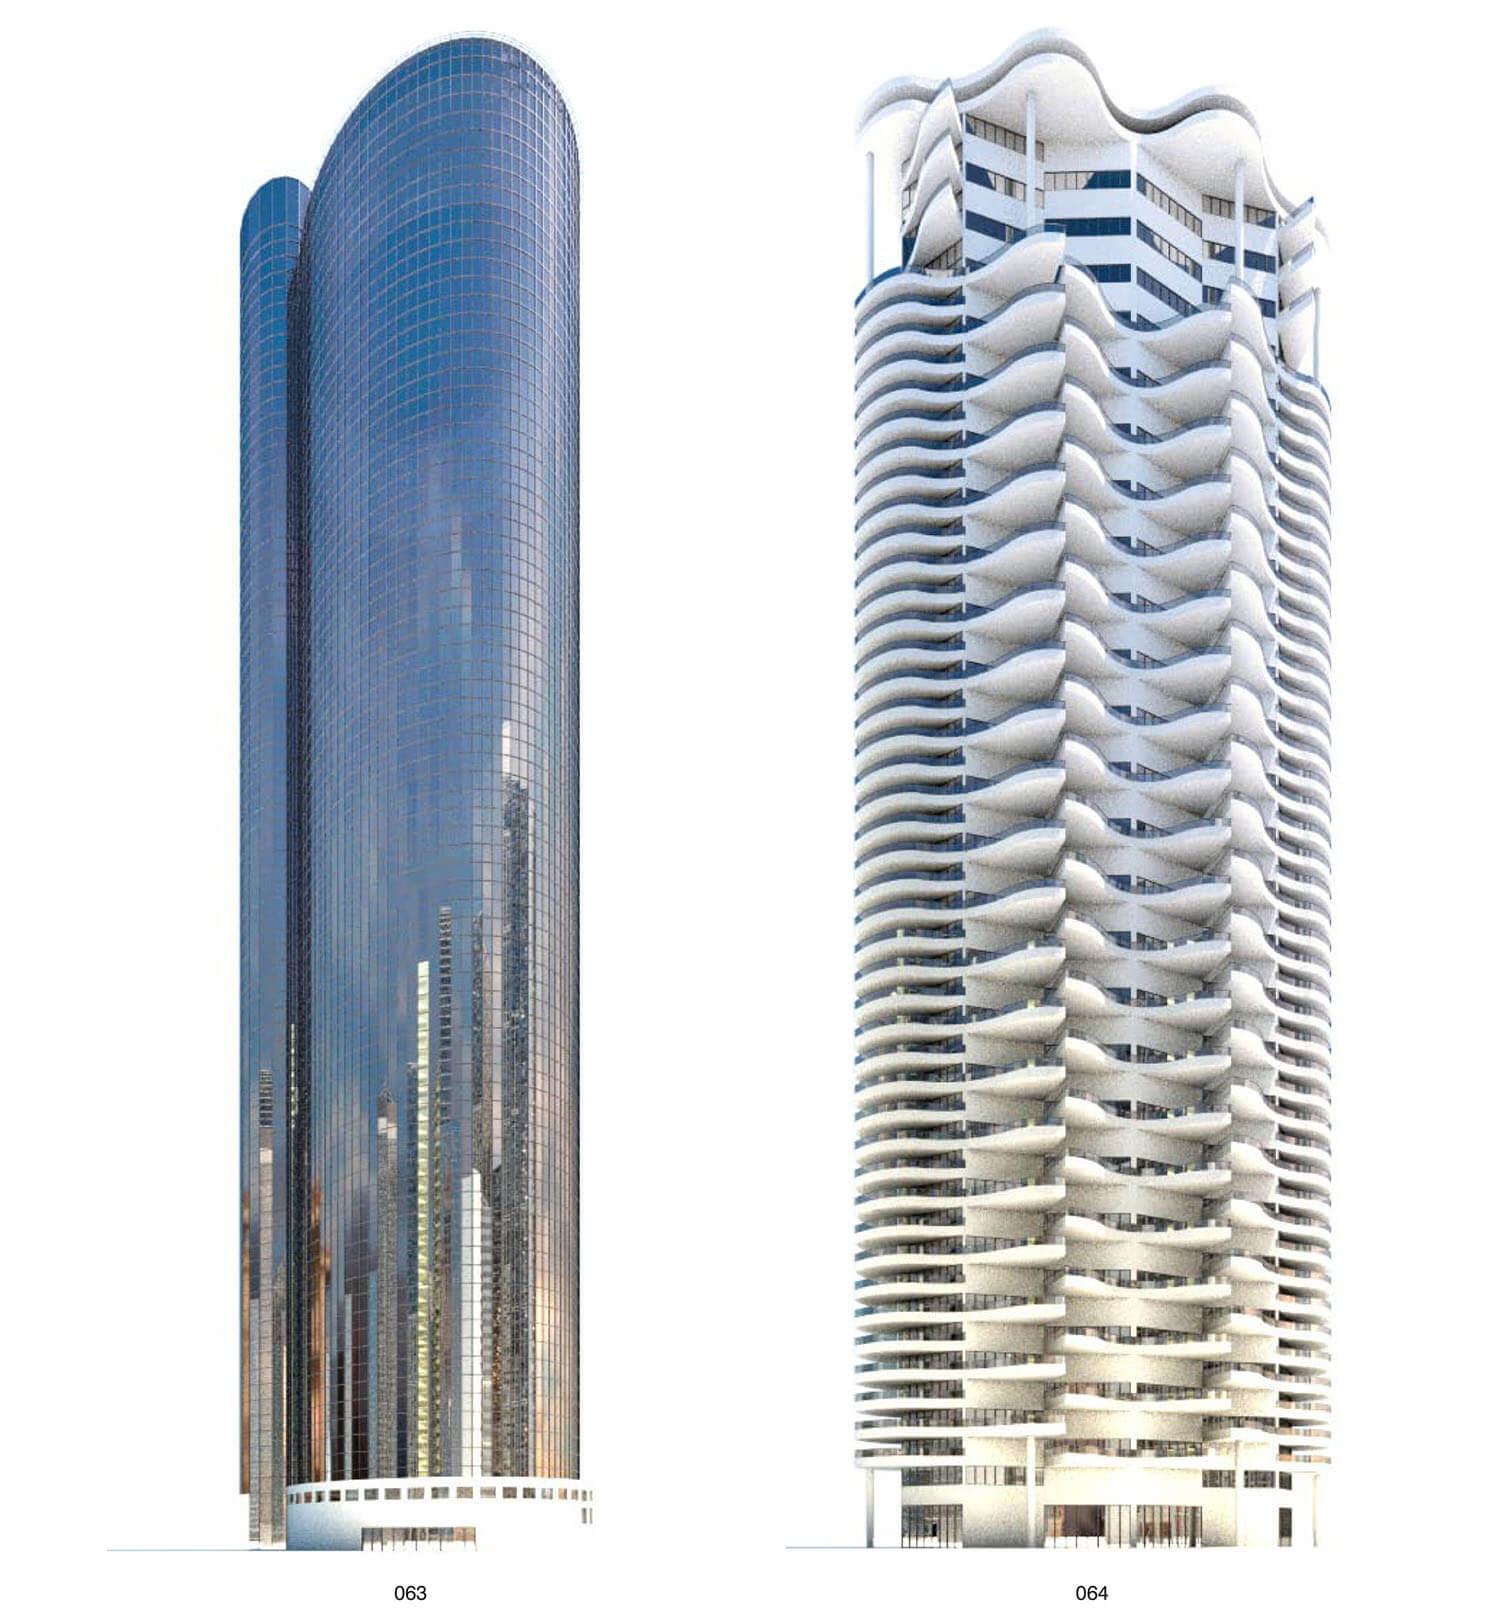 Tòa chung cư, khách sạn cao tầng với ban công hình lượn sóng